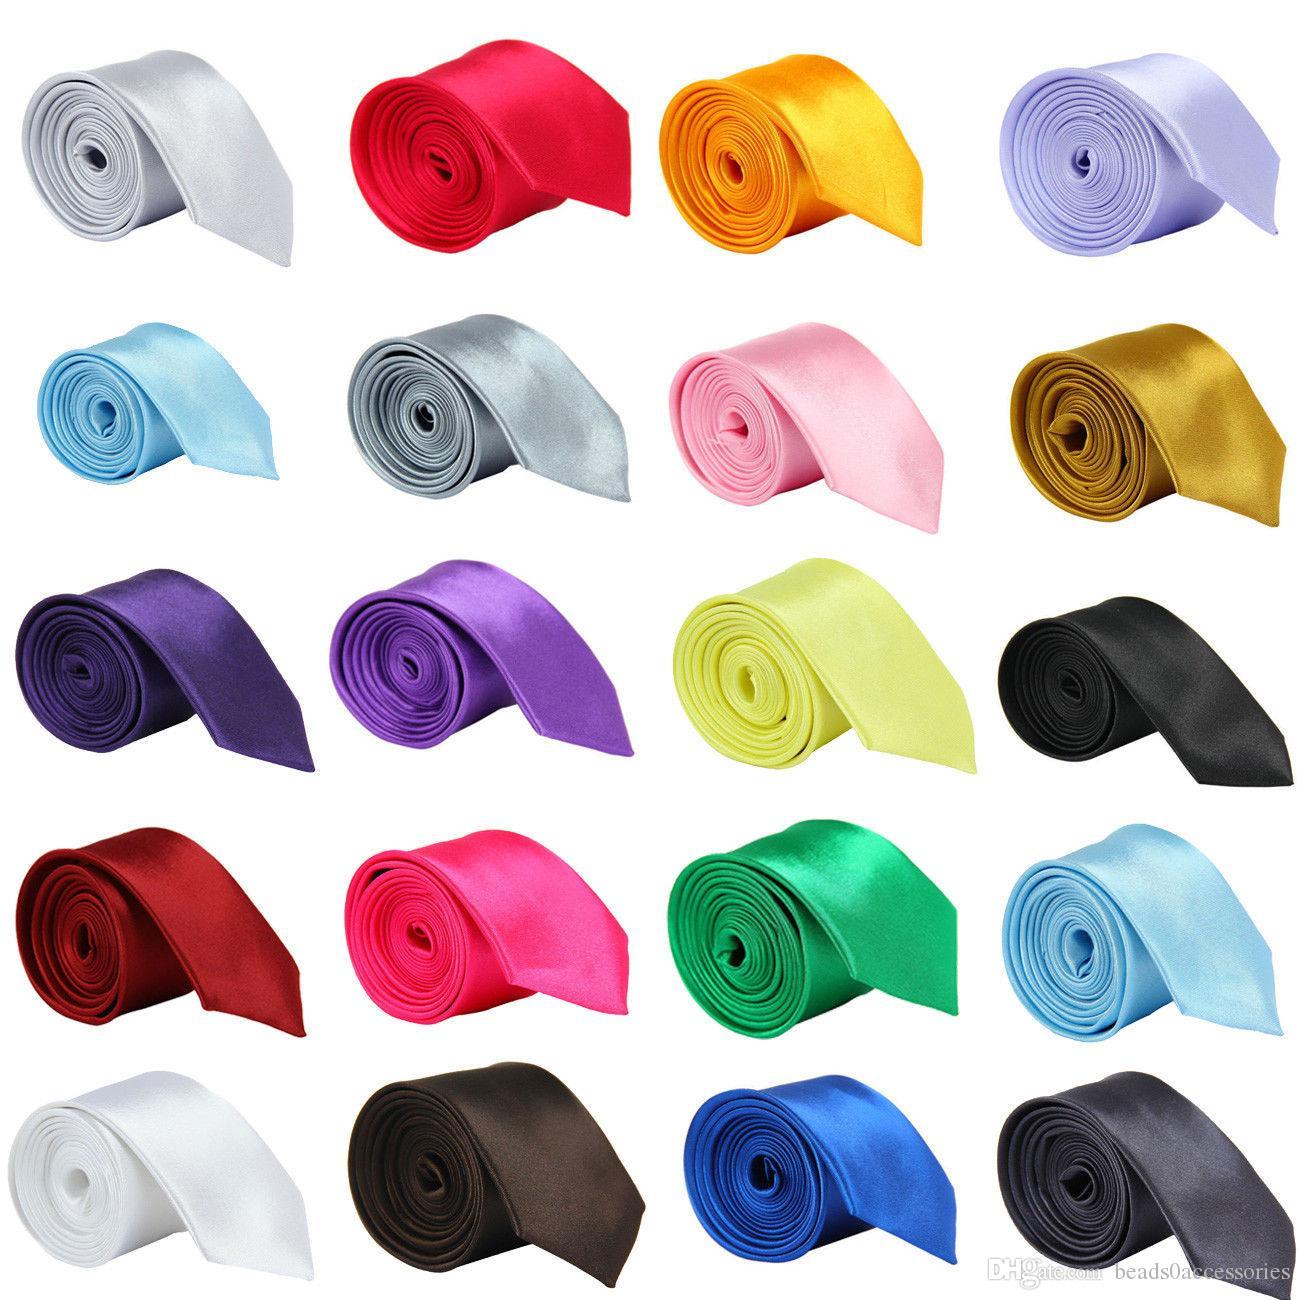 أزياء الرجال النساء نحيل بلون عادي الساتان البوليستر الزفاف الحرير التعادل ربطة العنق العلاقات الرقبة 20 الألوان 5 سنتيمتر x145 سنتيمتر